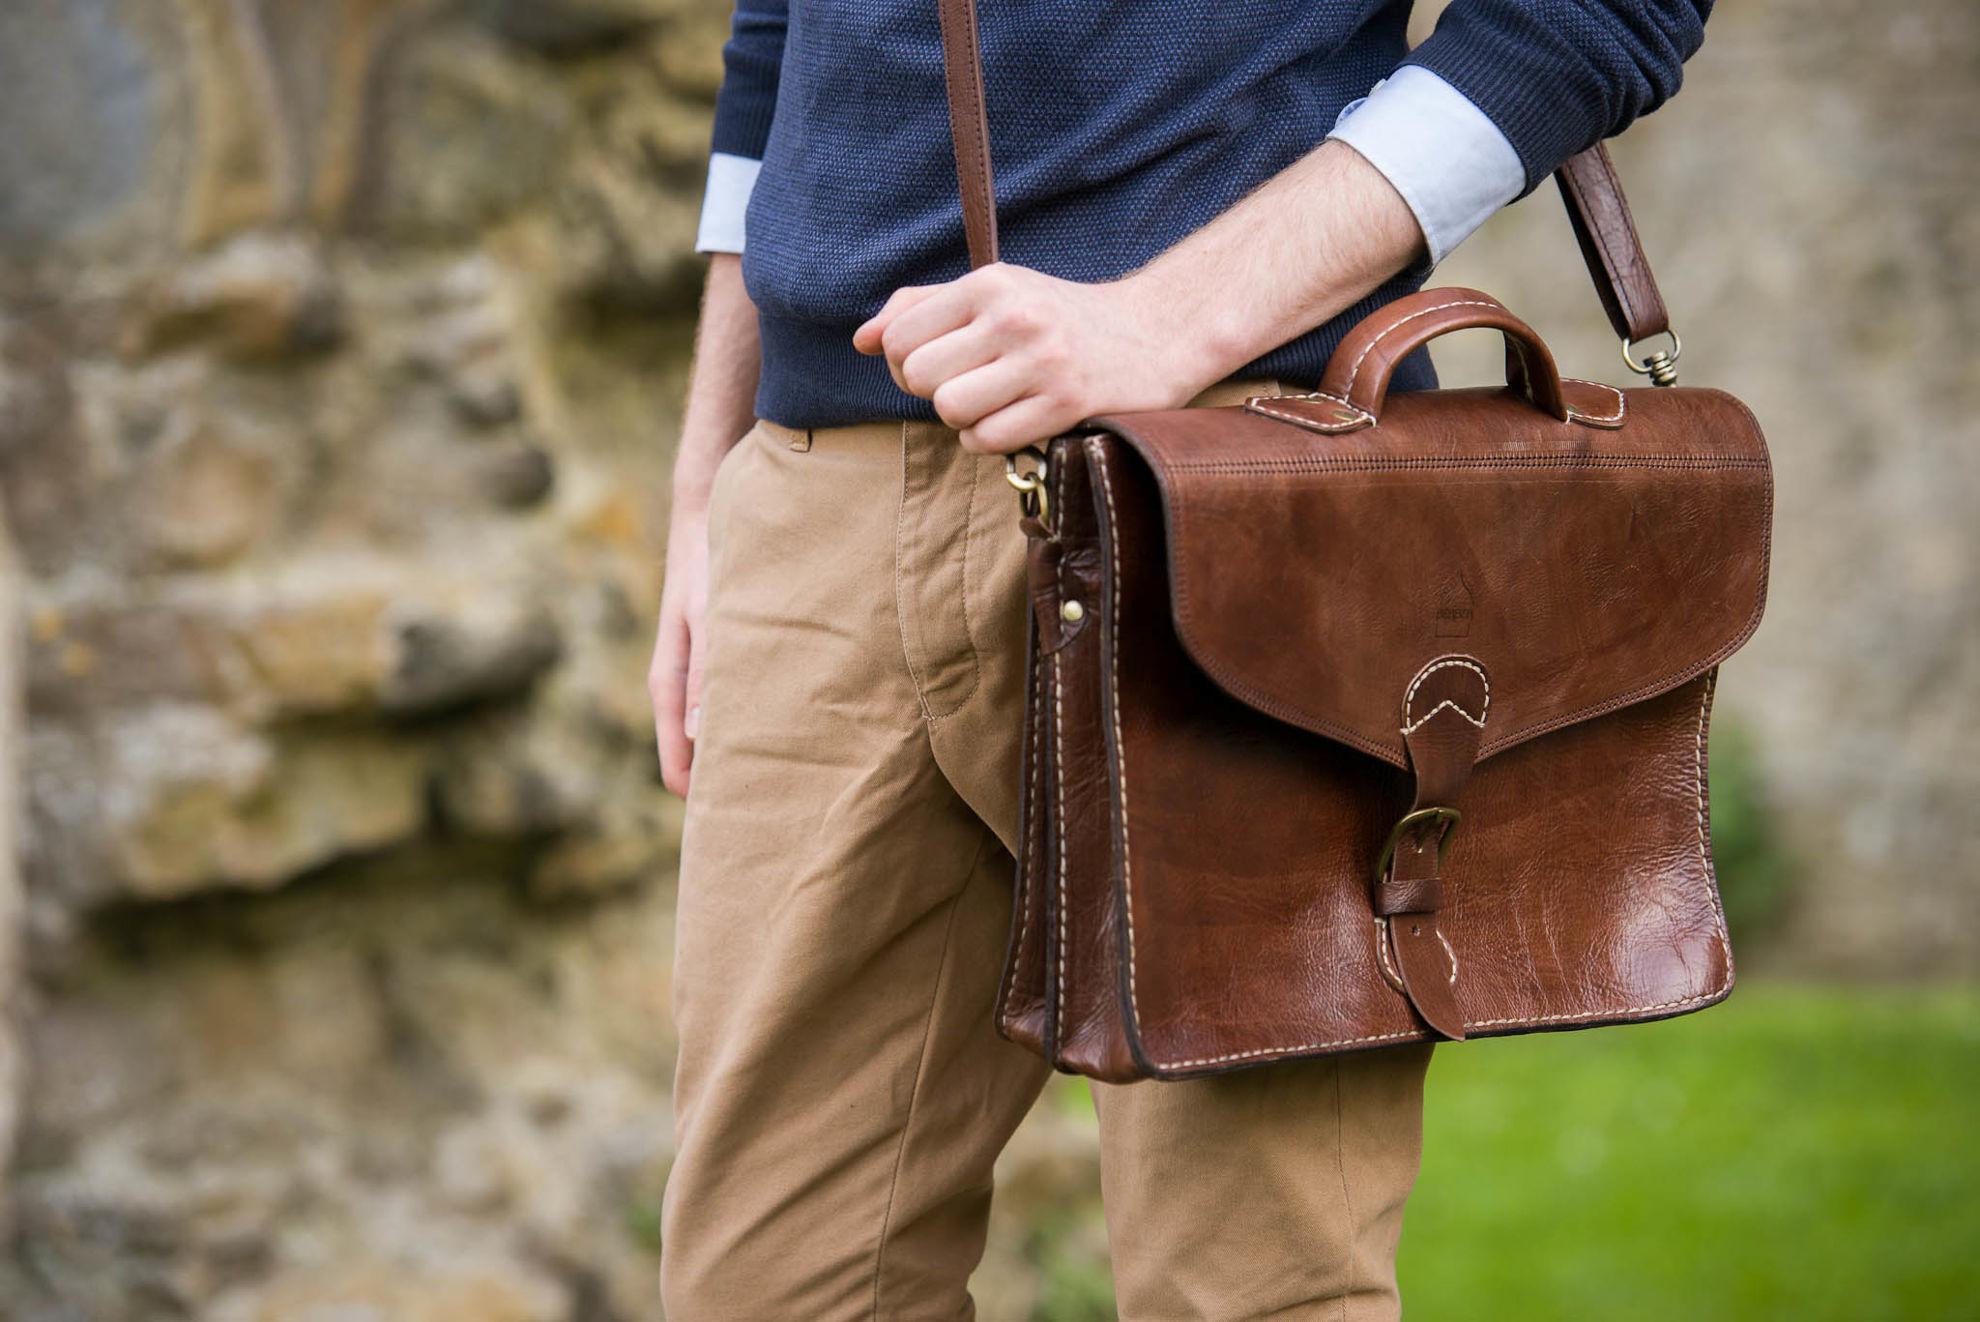 the-marrakech-satchel-in-dark-brown